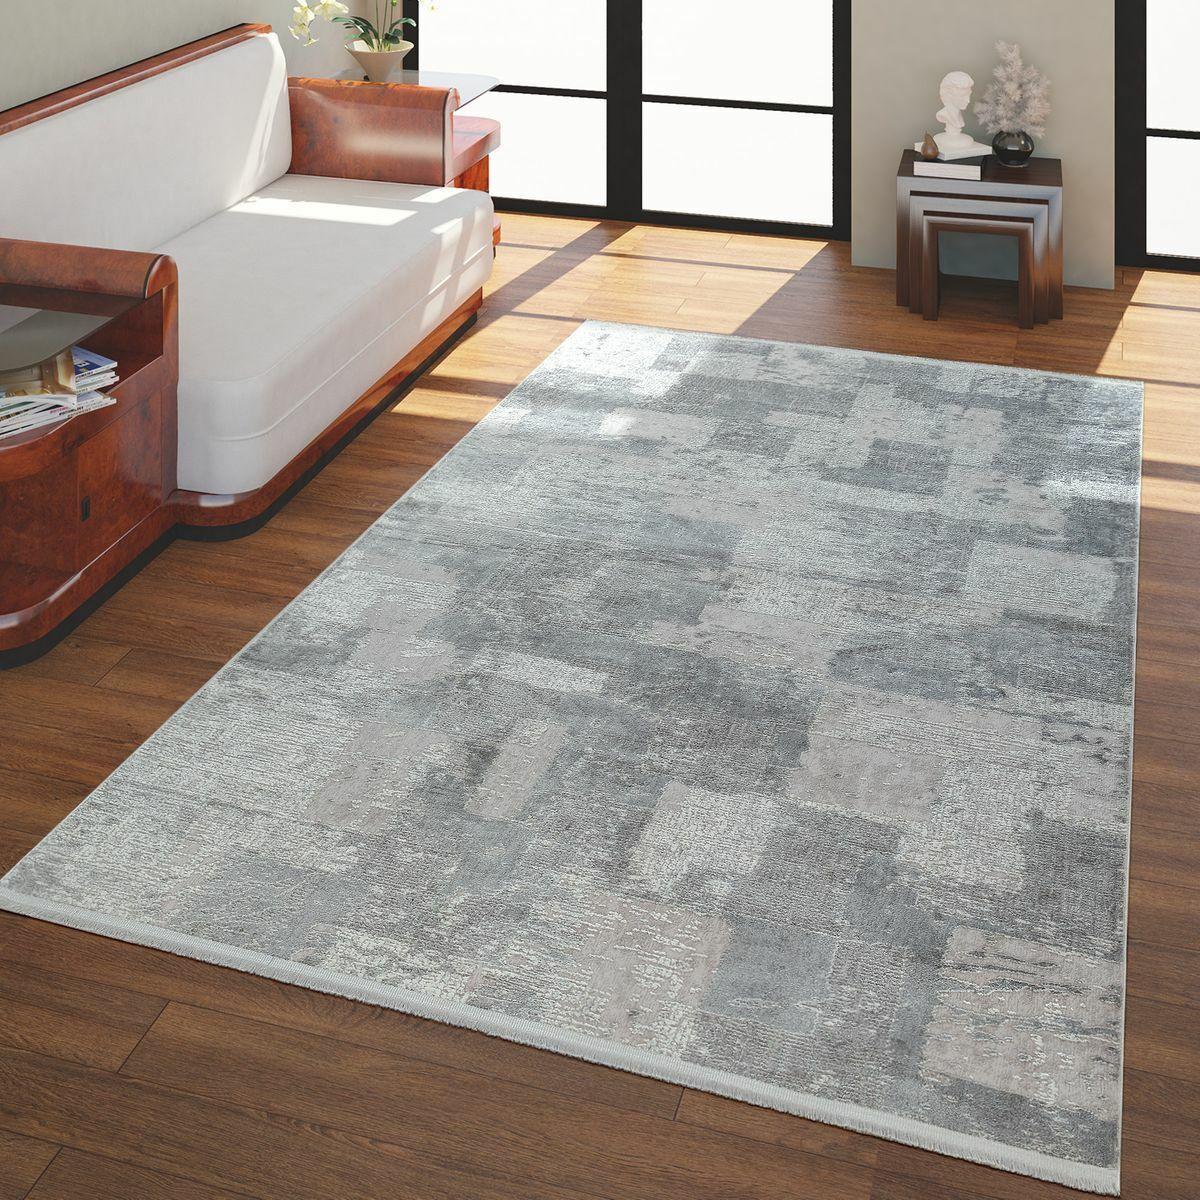 Kurzflor Wohnzimmer Teppich Seiden Optik 3-D Karo Muster Vintage Vintage Vintage Look In Grau 94132b